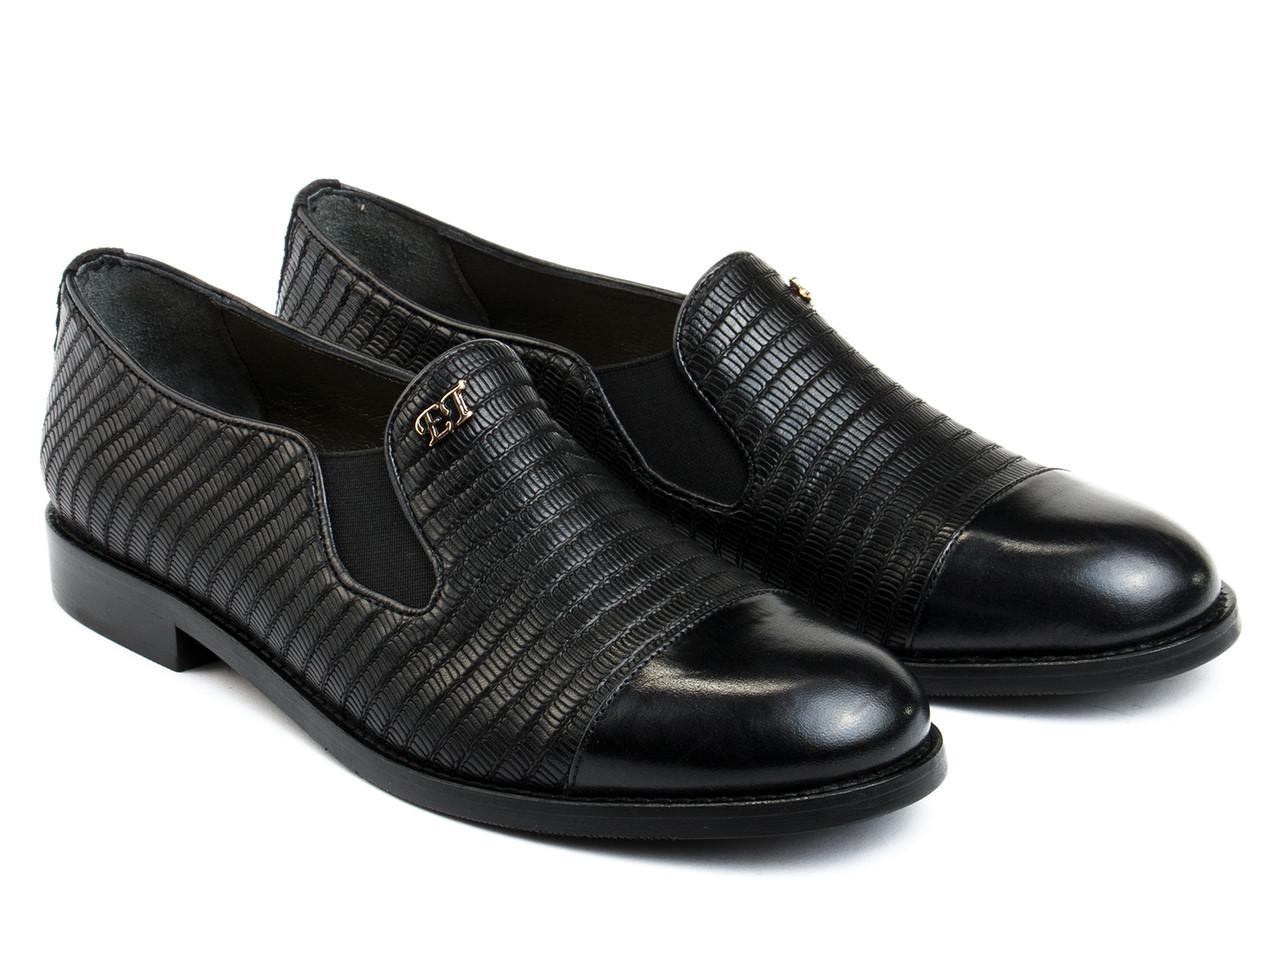 Туфлі Etor 4920-525 36 чорні